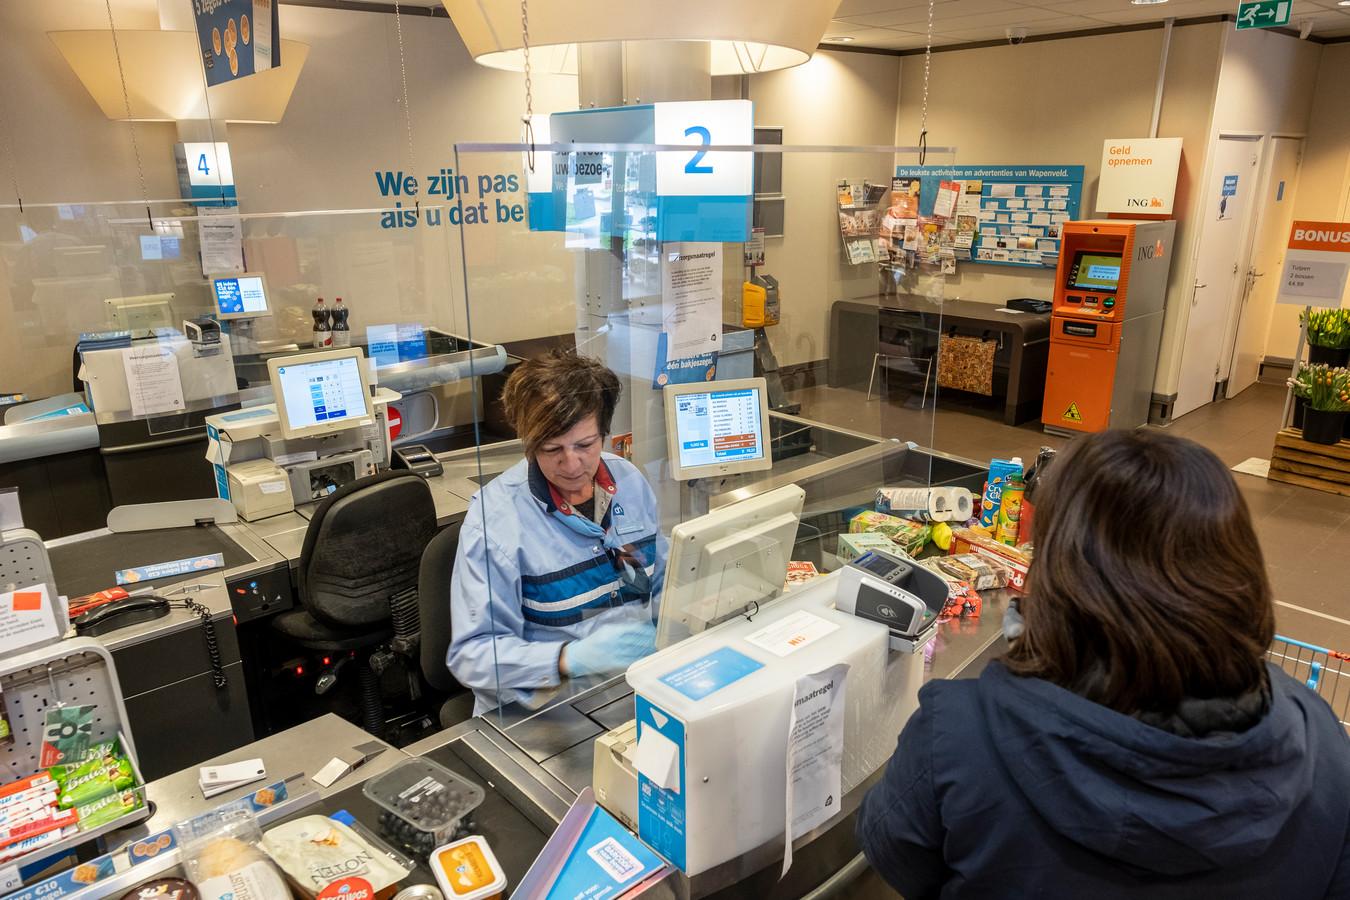 Een kenmerk van saamhorigheid was dat inwoners boodschappen gingen doen voor ouderen, zodat zij niet naar drukke supermarkten hoefden.